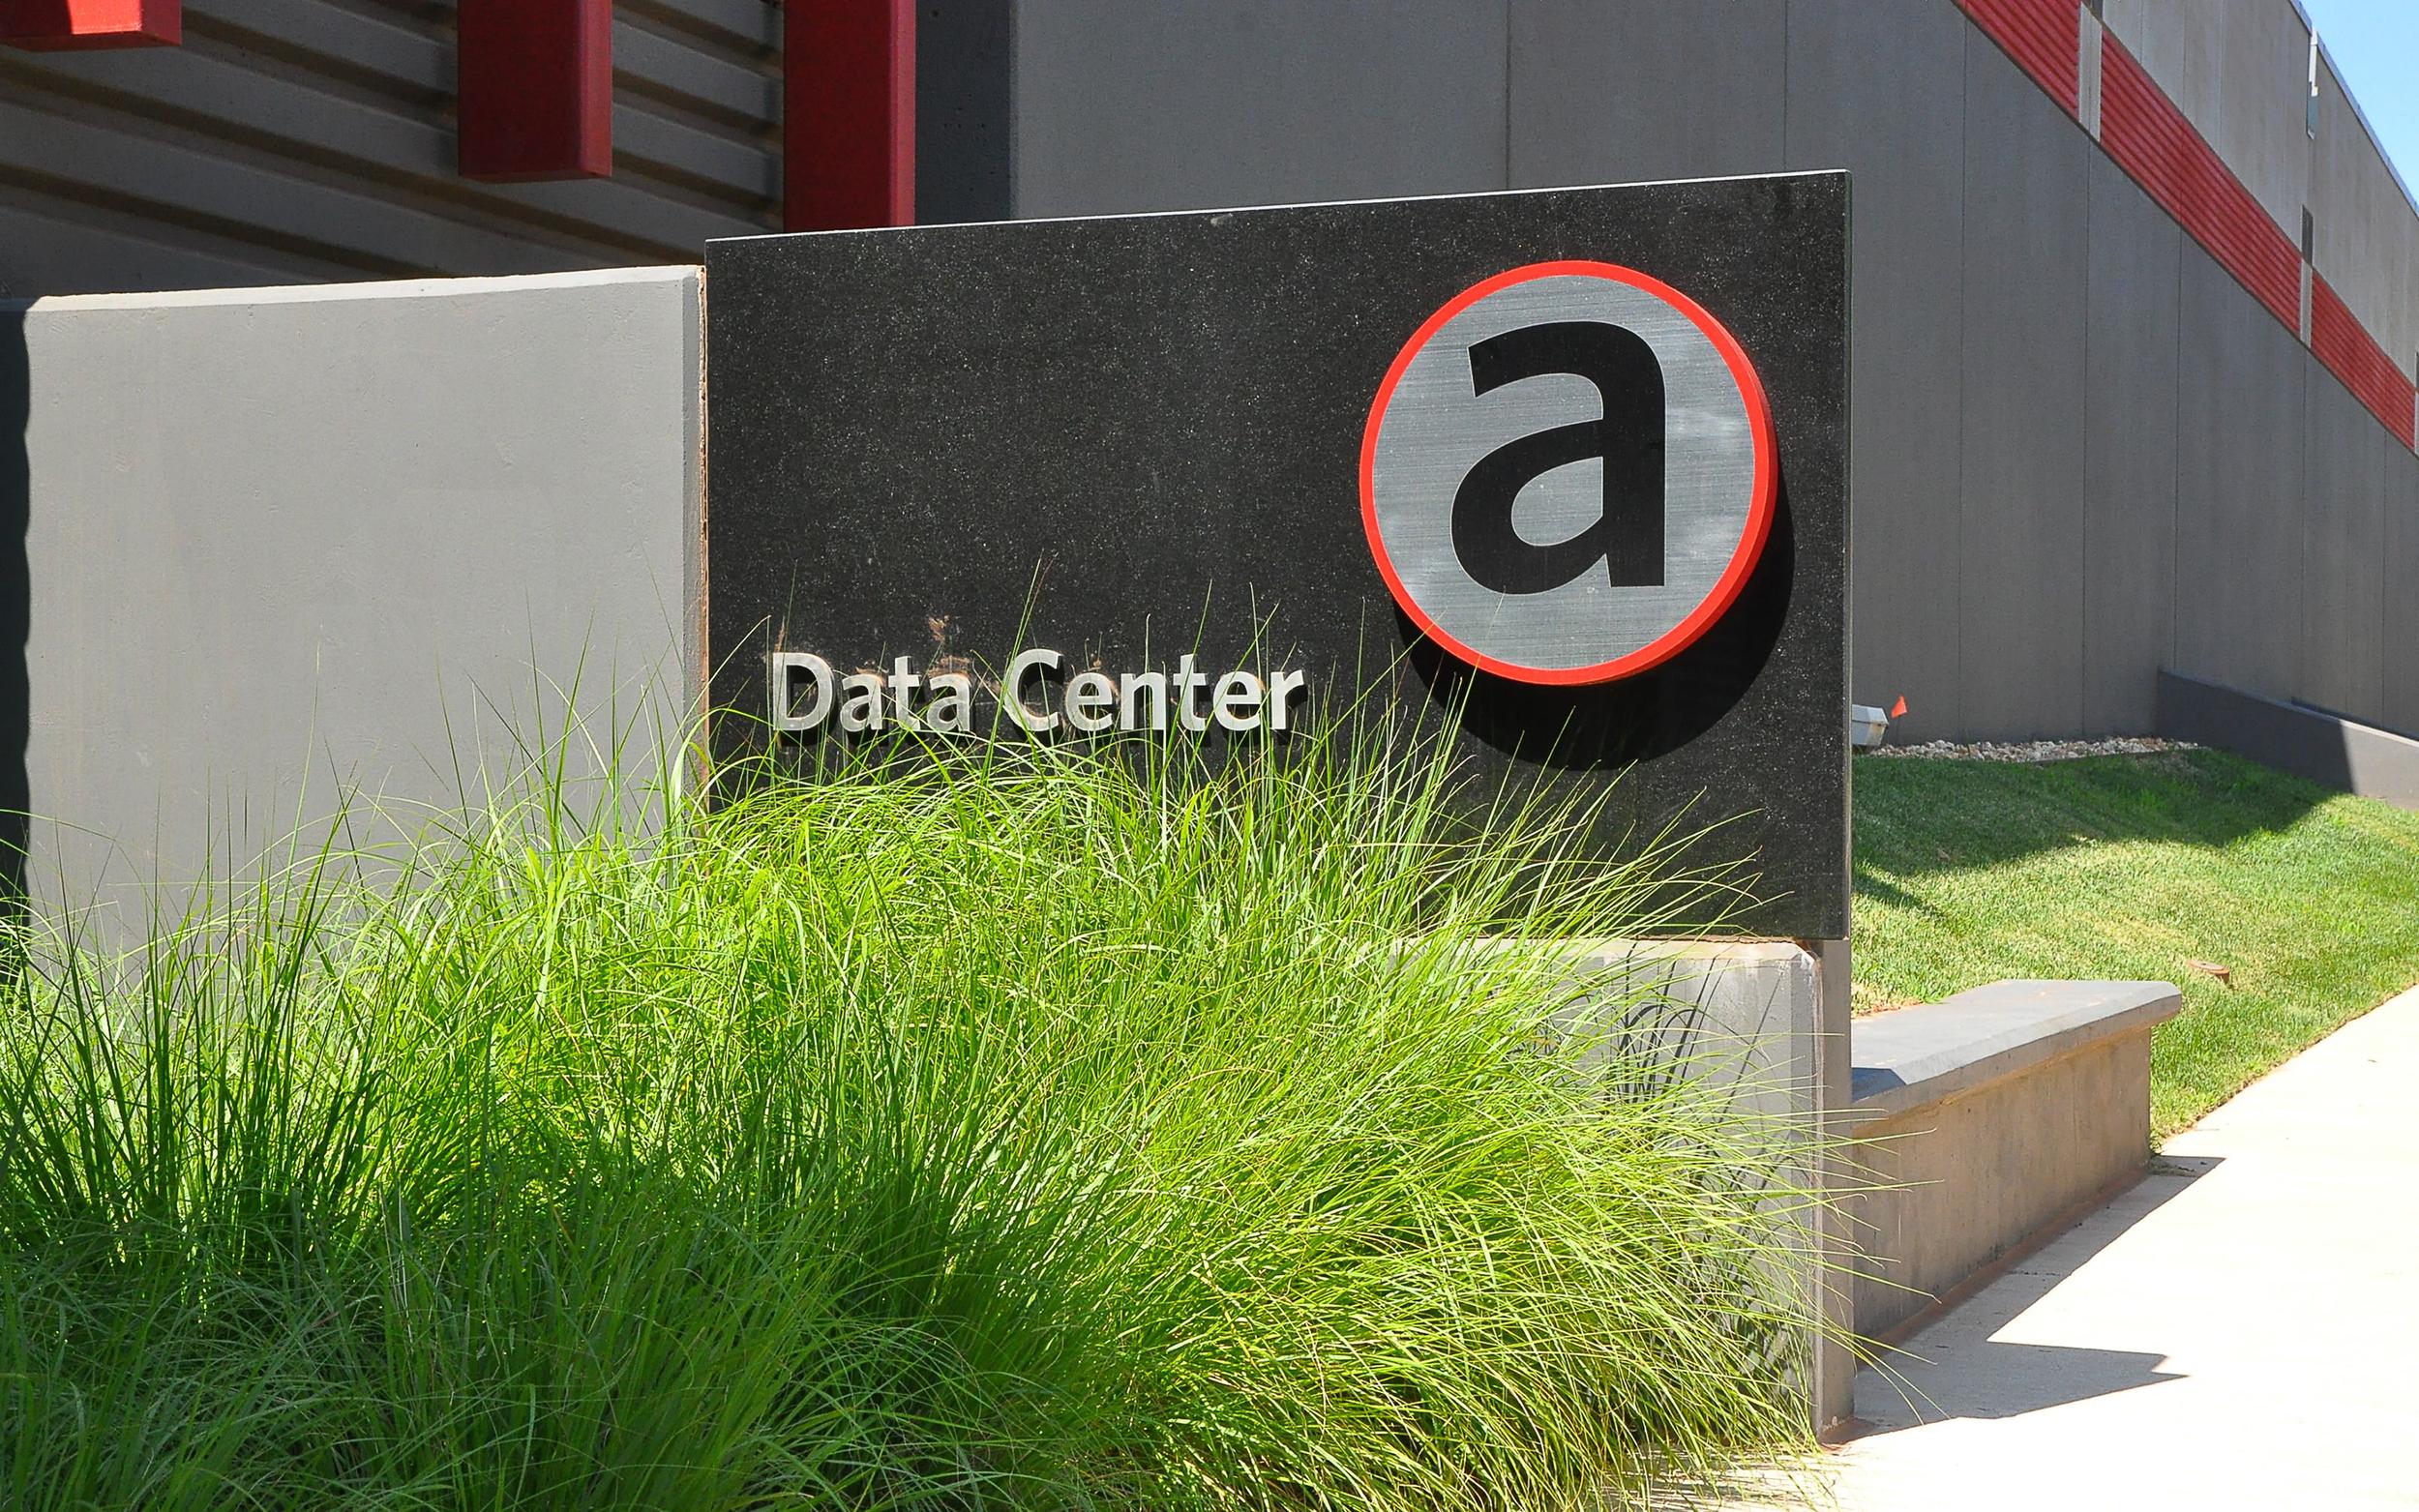 11 NAP Data Center 1.jpg